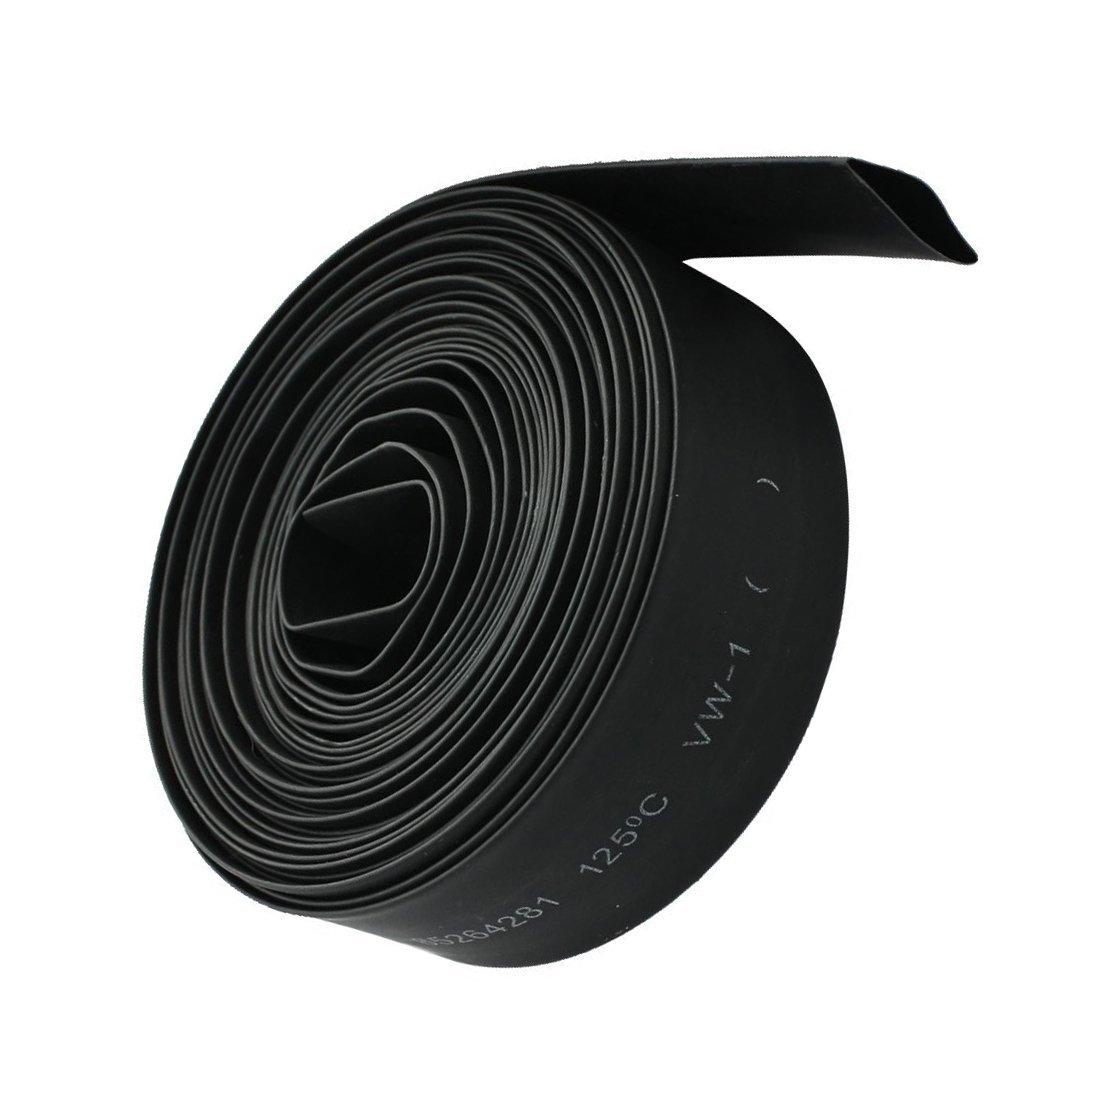 Tuberia del encogimiento del calor 2mm 2:1 Negra tuberia del encogimiento de aislamiento termico de poliolefina de 6M R SODIAL